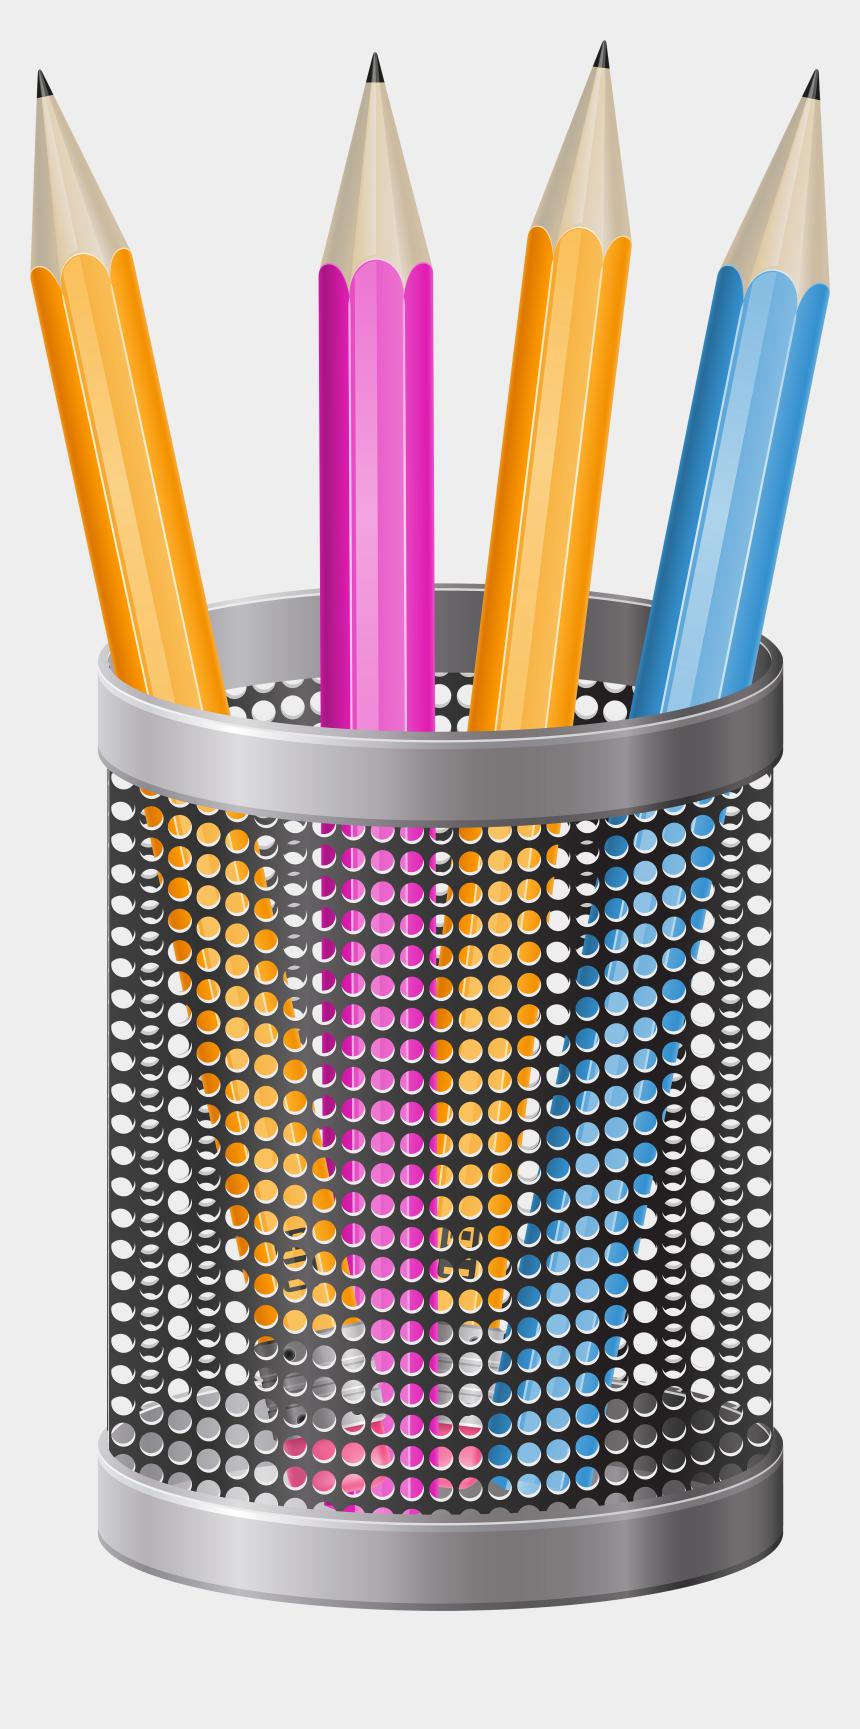 pen clipart png, Cartoons - Cup Transparent Pens - Transparent Pencil Cup